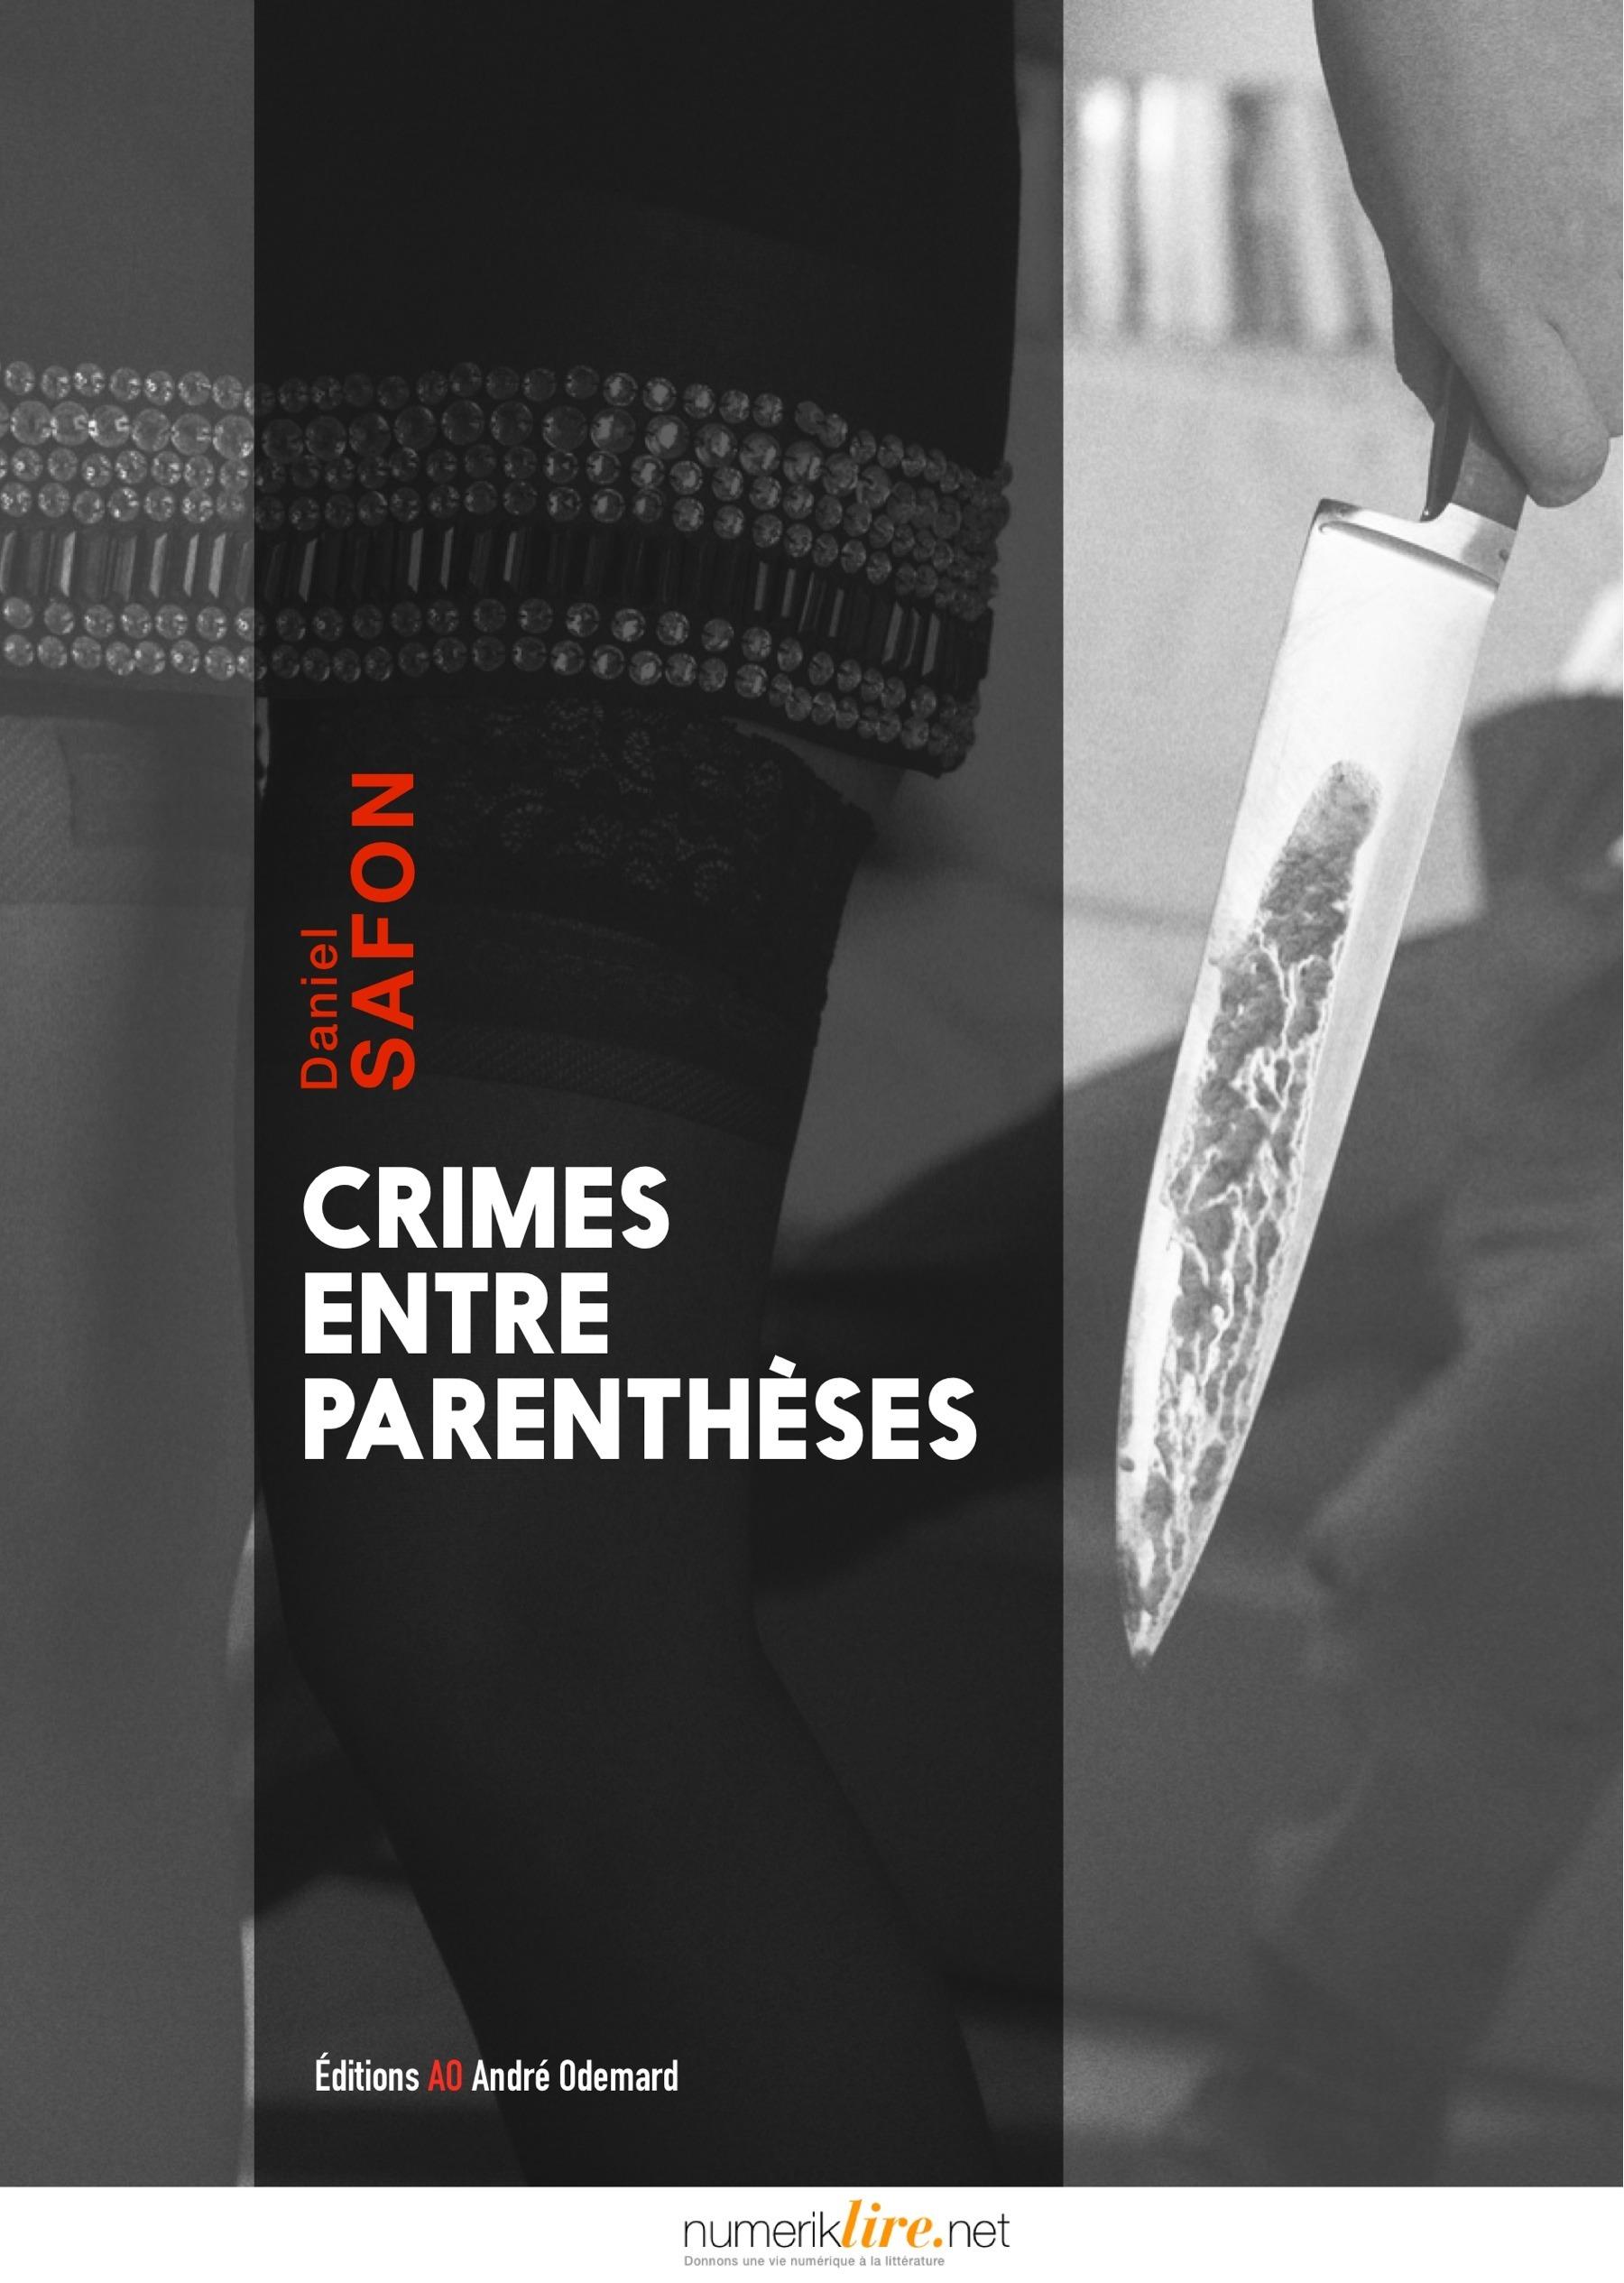 Crimes entre parenthèses